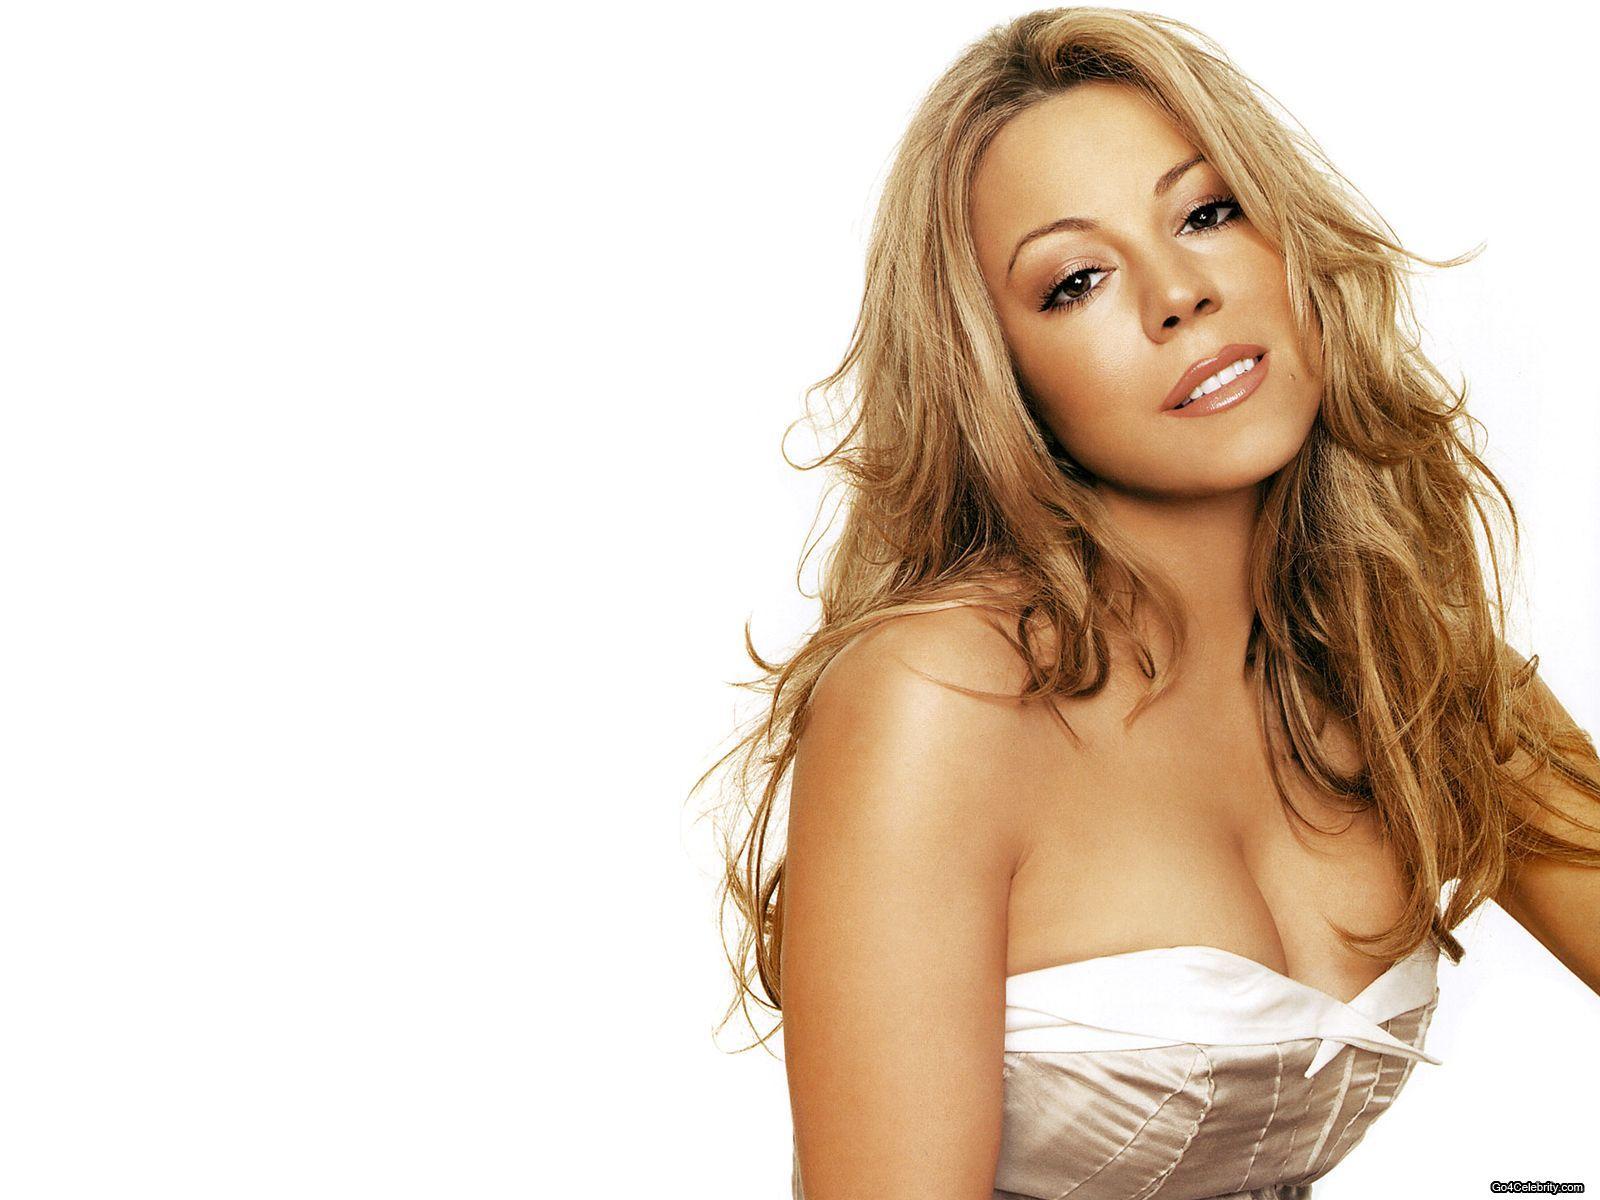 http://4.bp.blogspot.com/-klM5H8-o7FA/TqFwcnDmnnI/AAAAAAAAArU/sIfZnxlPjZ4/s1600/Mariah-Carey-030.jpg